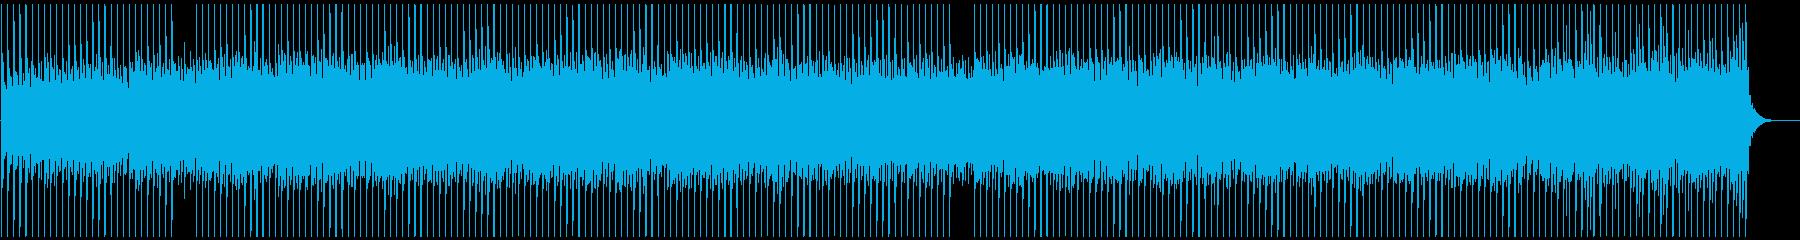 【ピアノ抜き】爽やかなストリングスロックの再生済みの波形